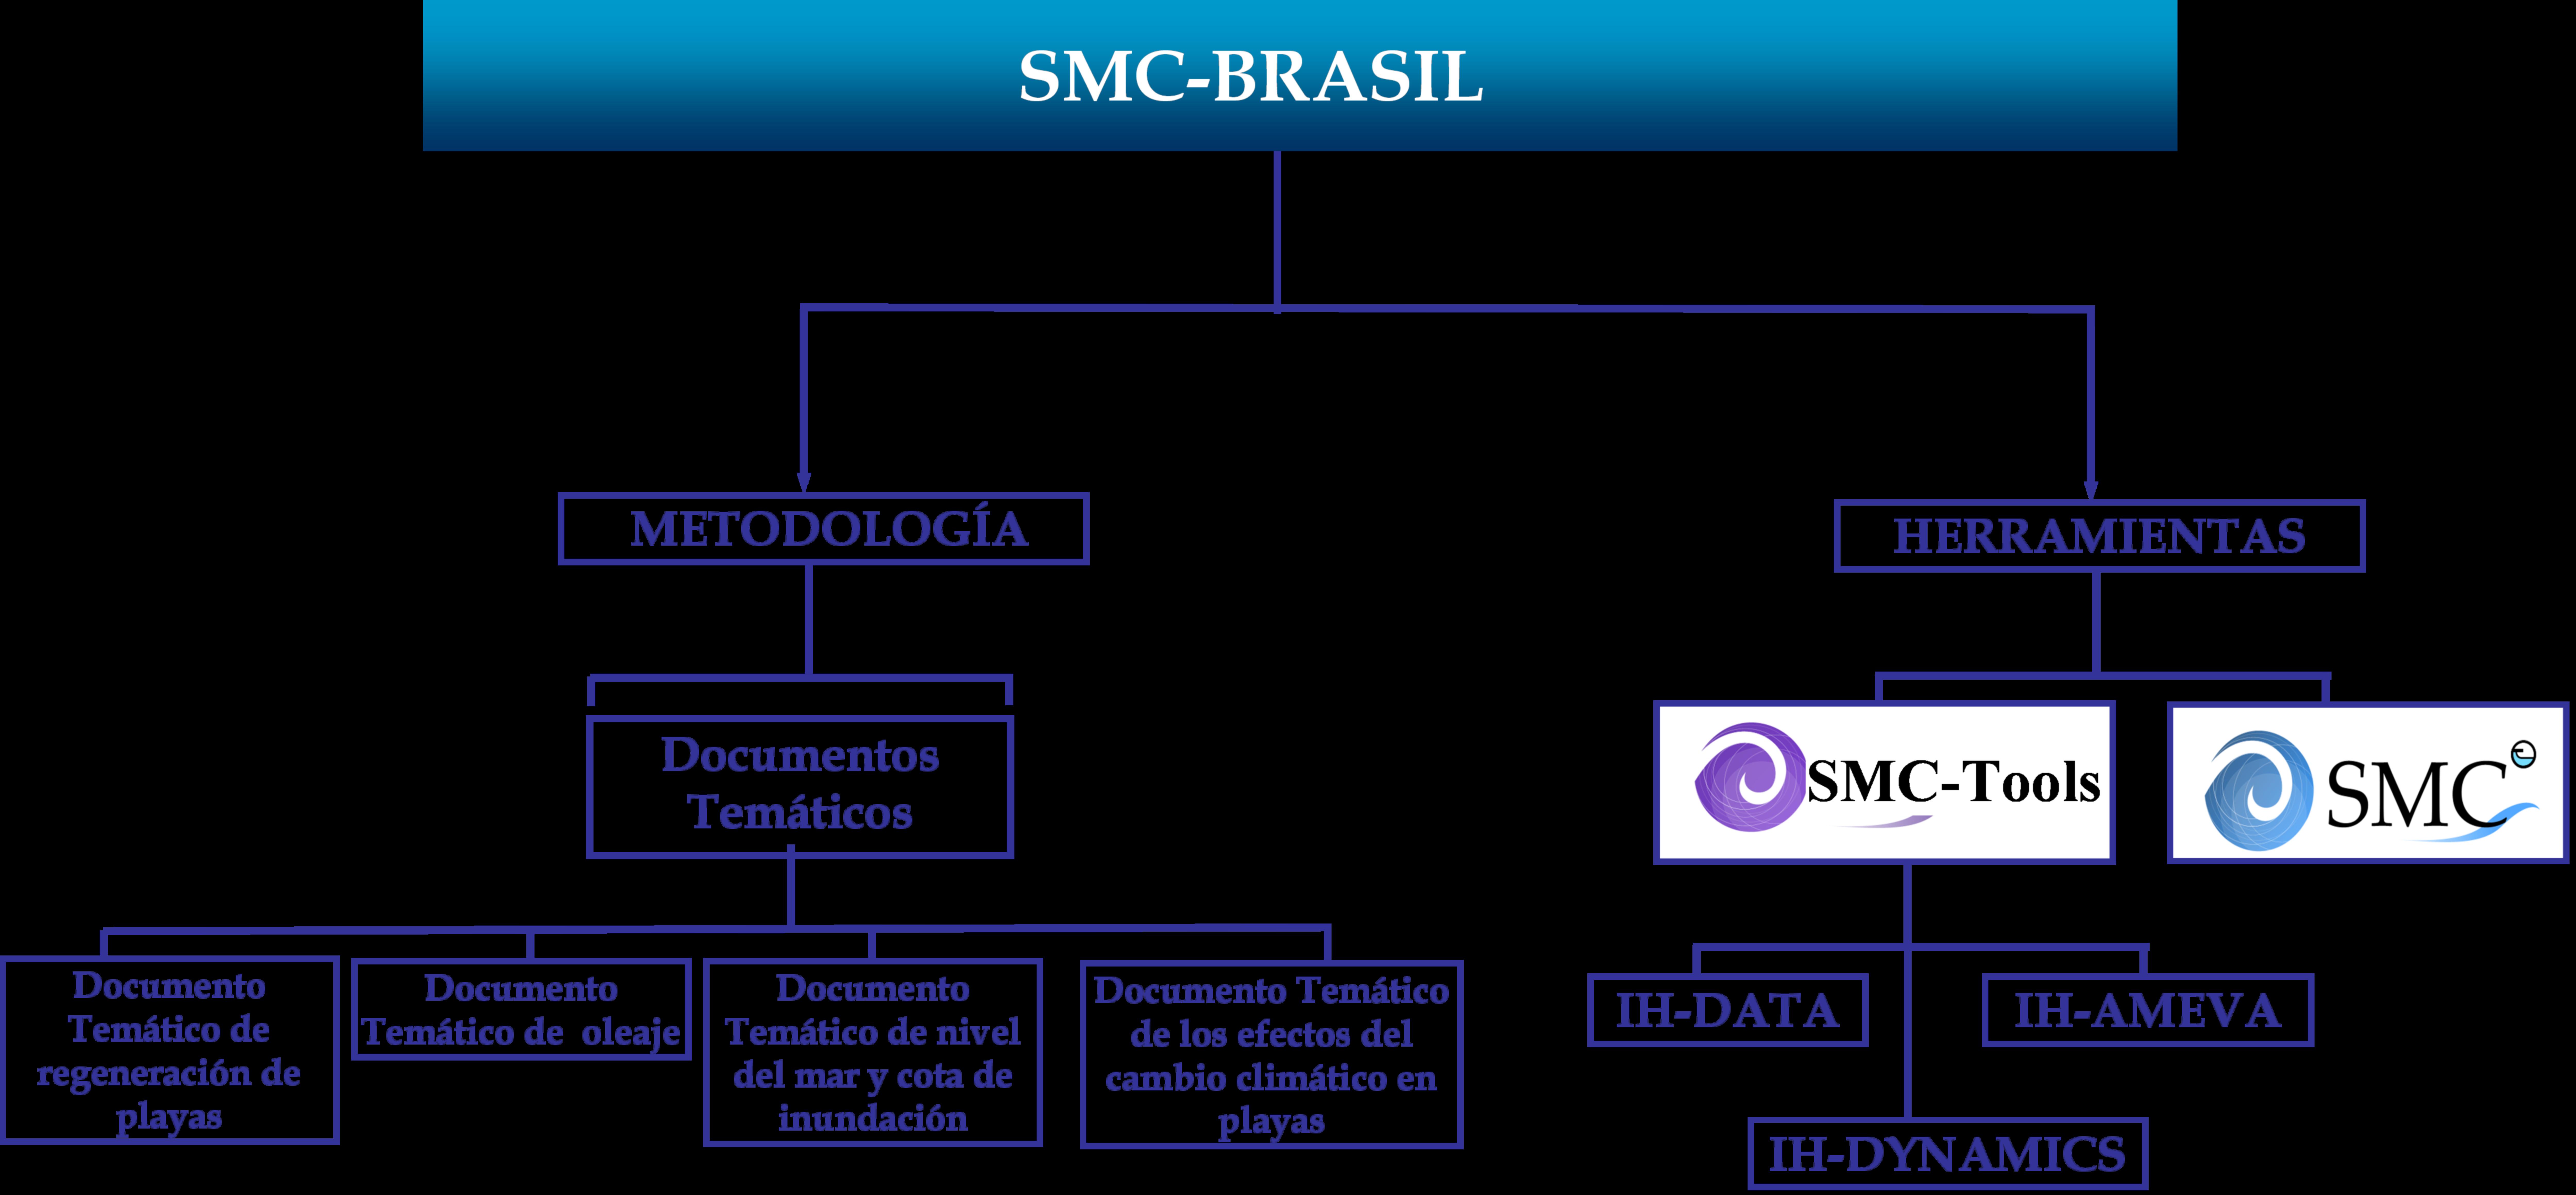 EstructuraSMC